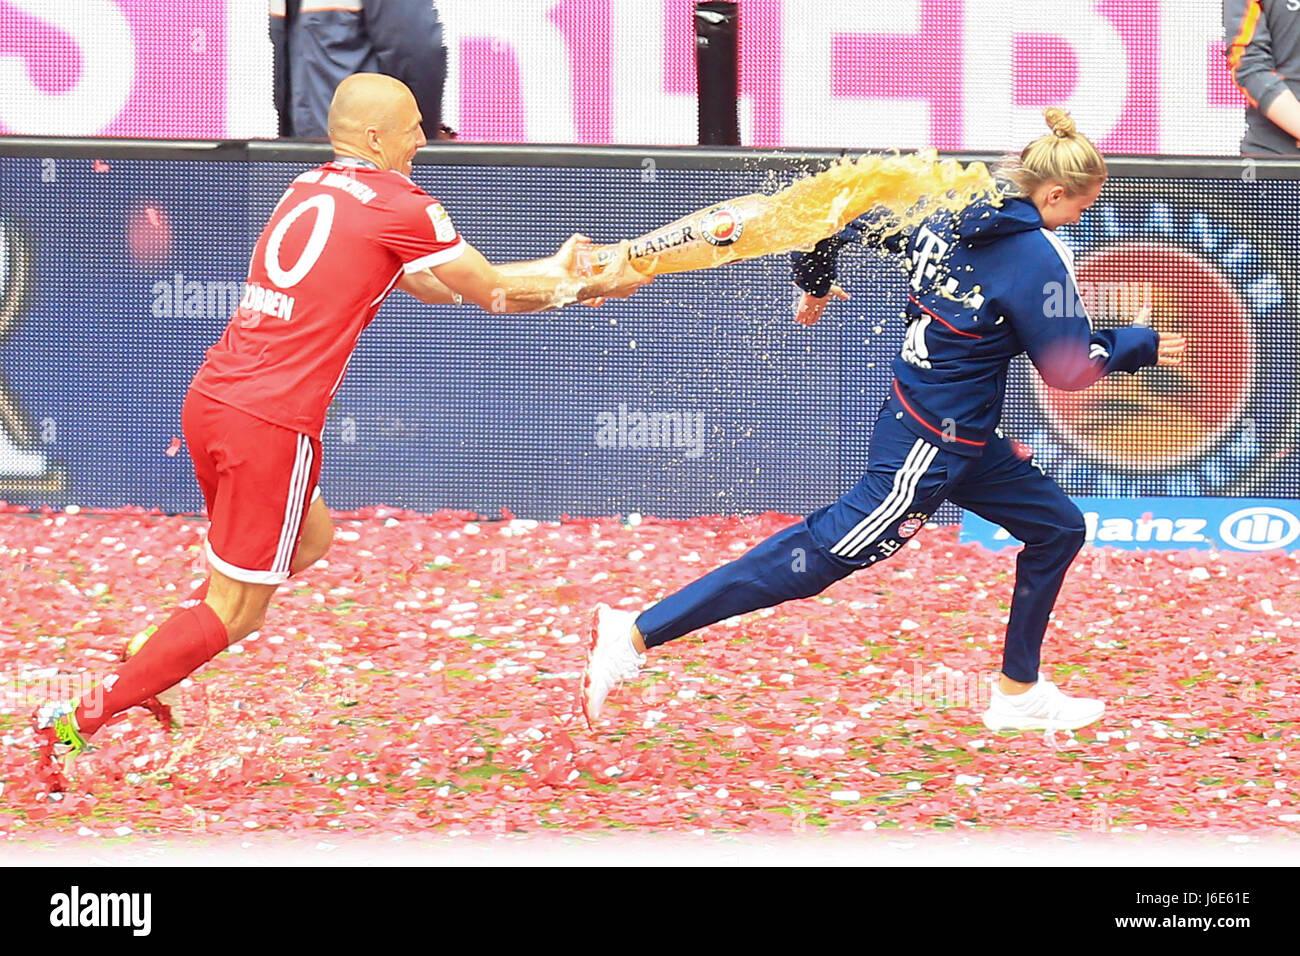 20.05.2017, Fussball 1.Bundesliga 2016/2017, 34.Spieltag, FC Bayern München - SC Freiburg, in der Allianz-Arena München.  v.li: Arjen Robben (FC Bayern München) schüttet Bier auf Temamanagerin Kathleen Krüger. Photo: Cronos/MIS Stock Photo